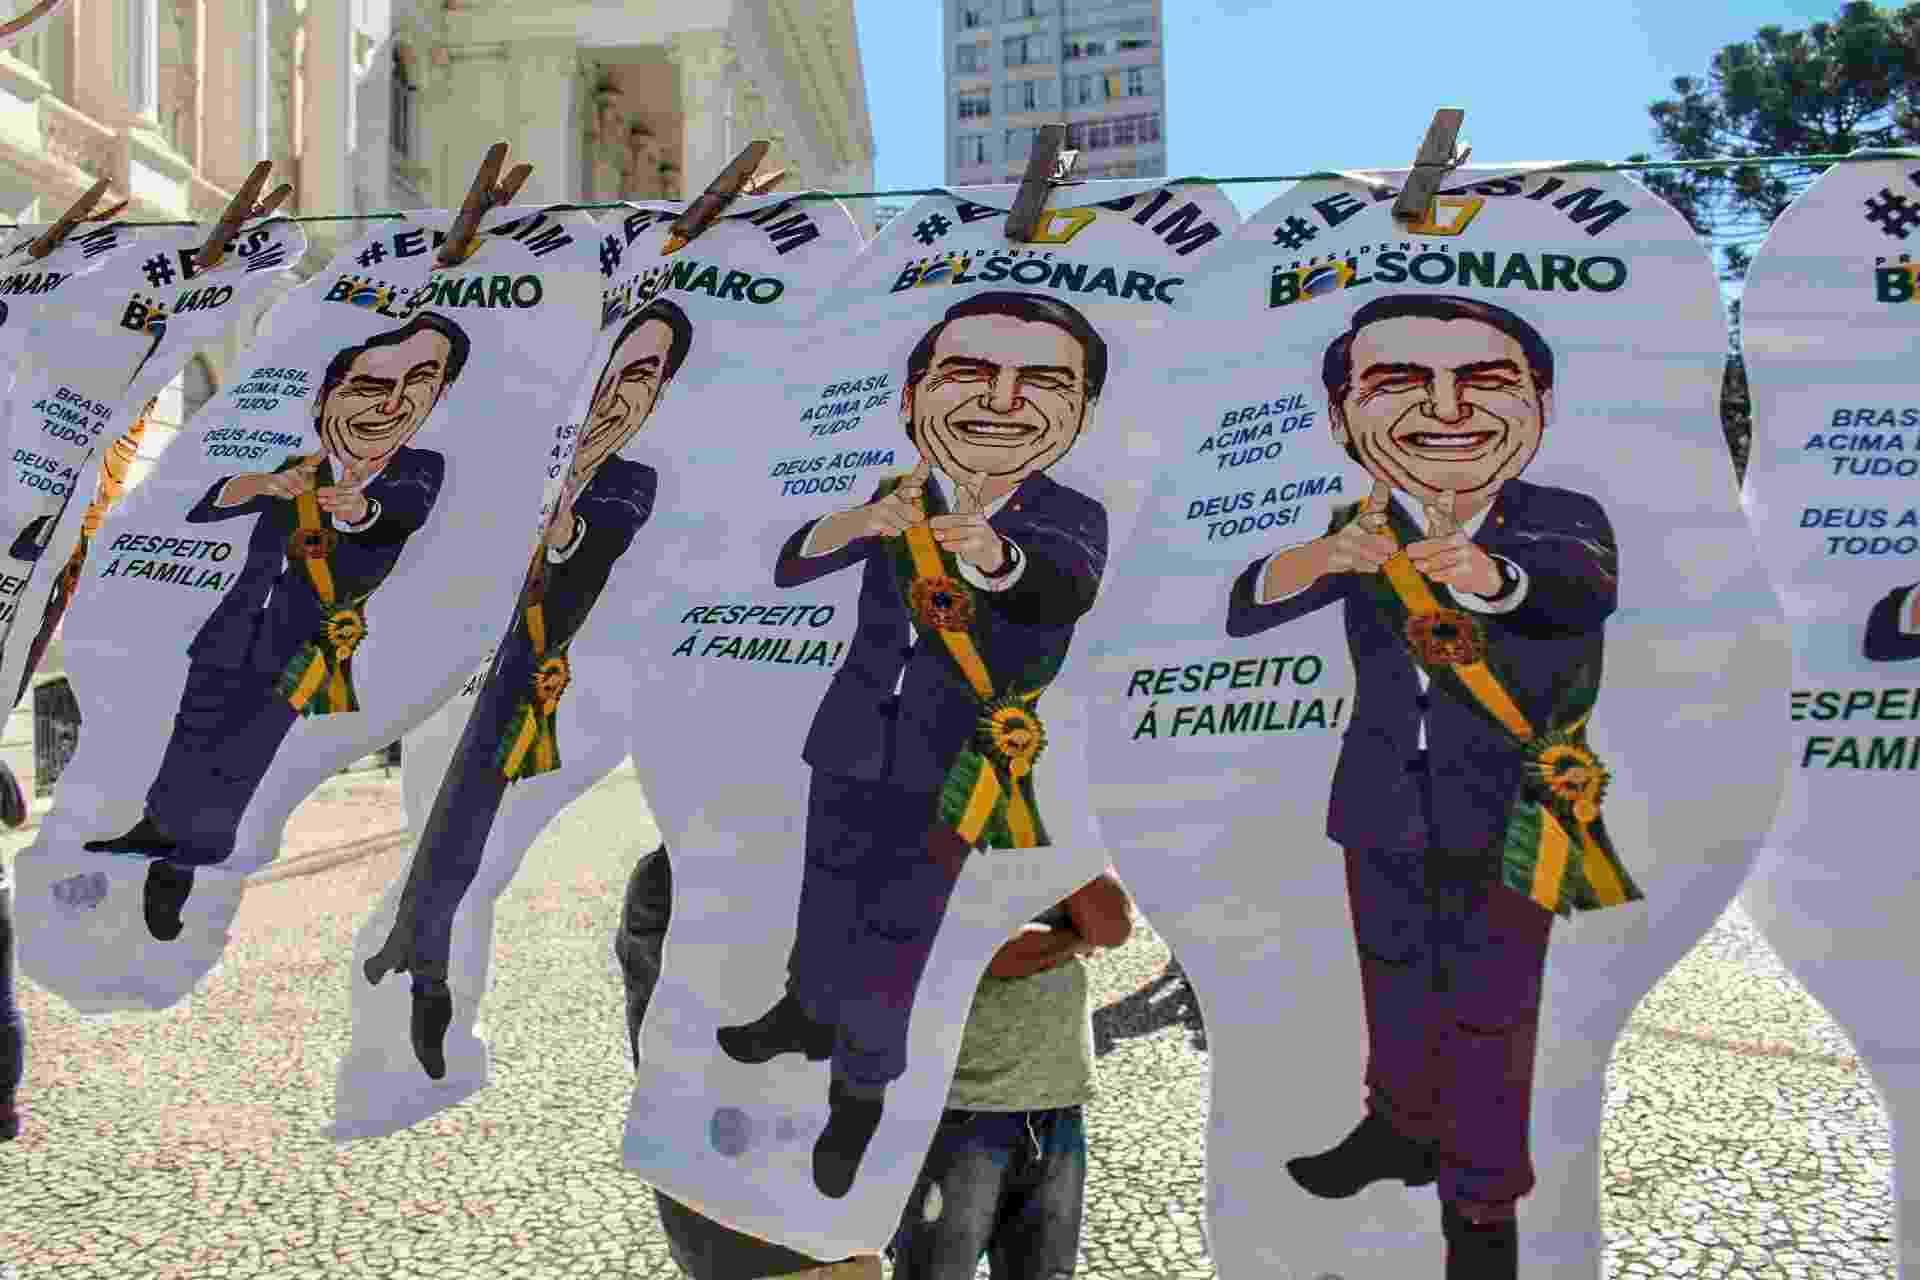 Protestos a favor do governo no Paraná - Eduardo Matysiak/Futura Press/Estadão Conteúdo